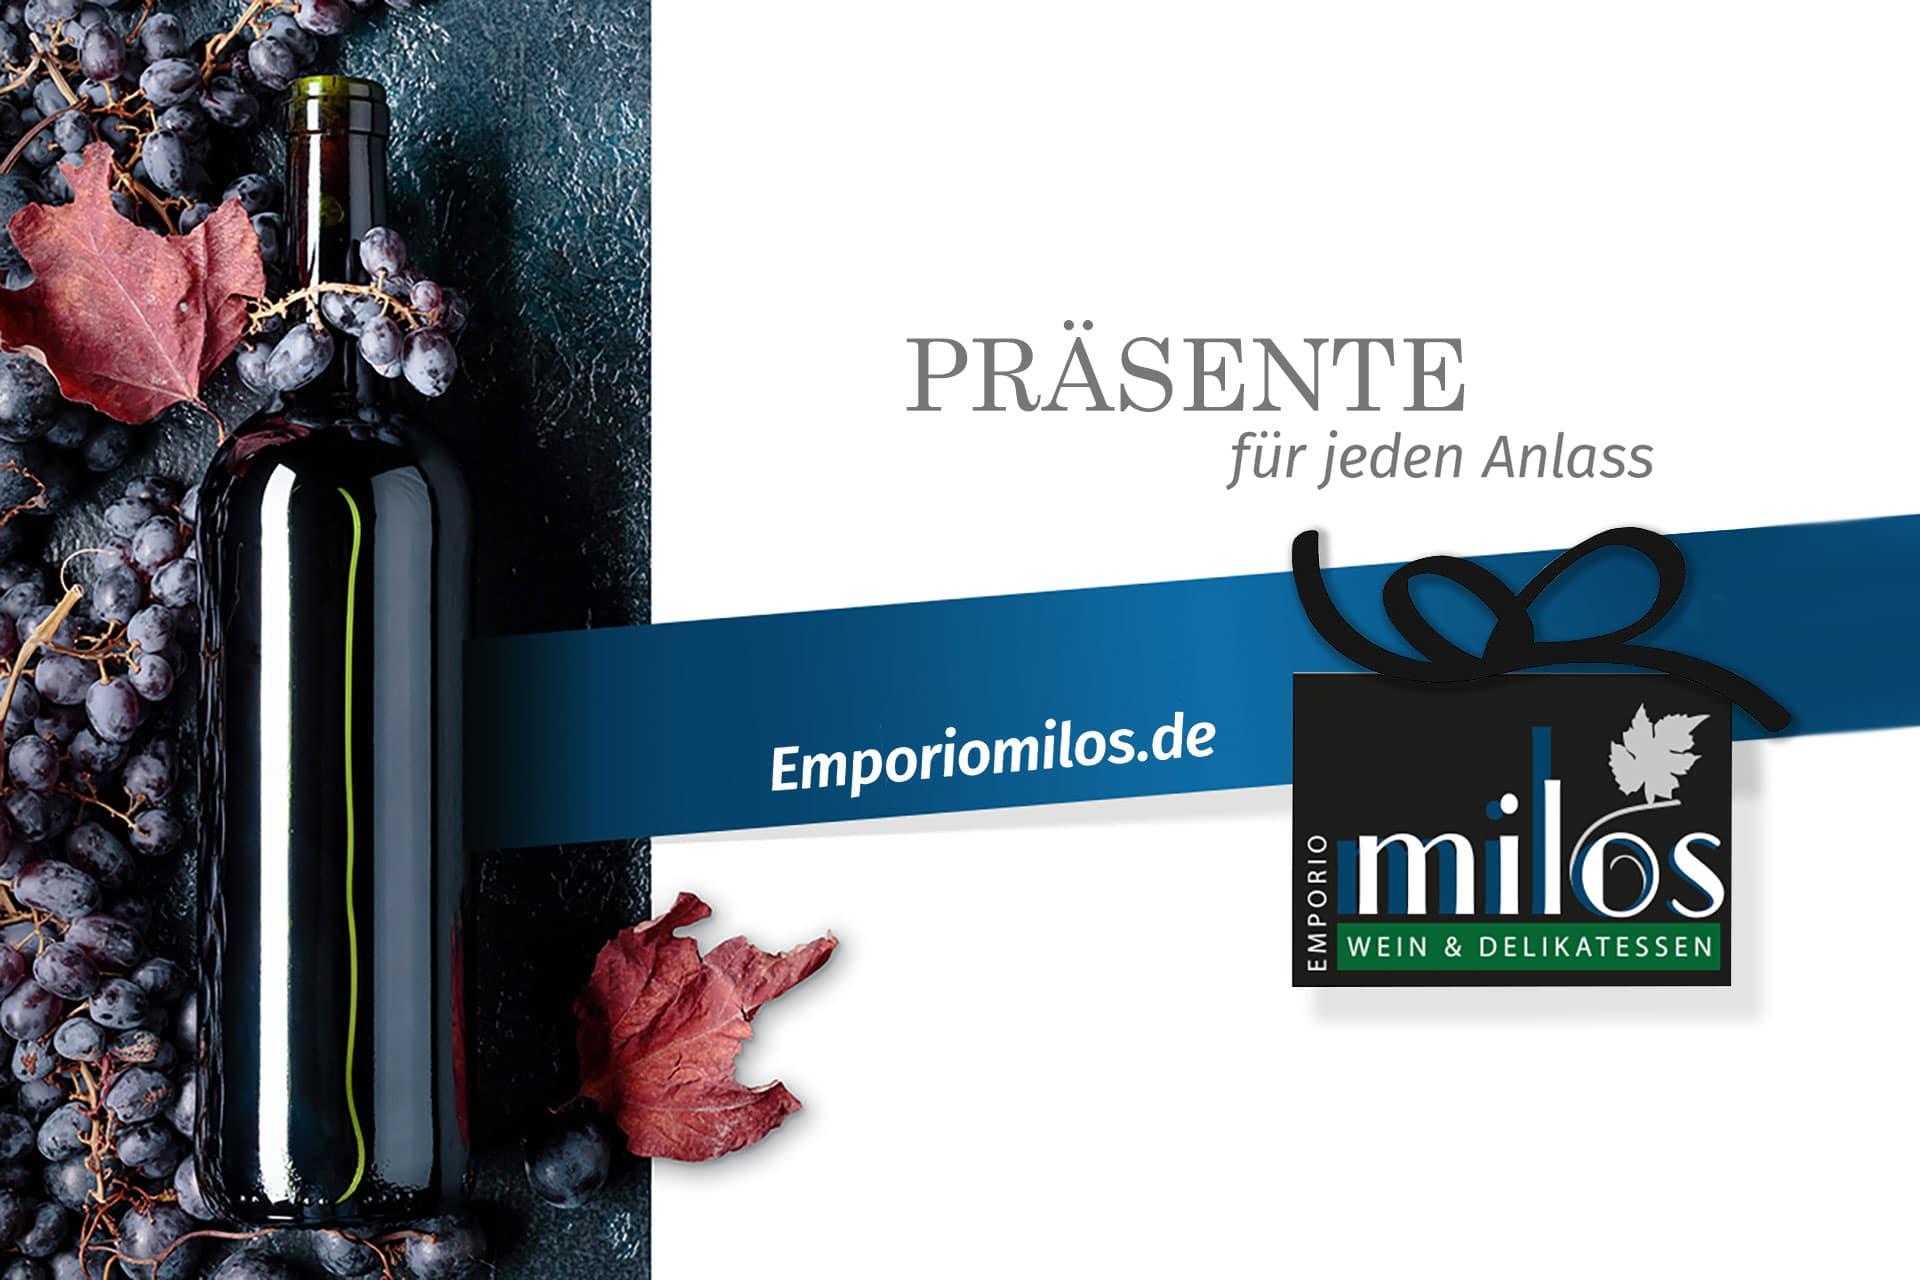 Mediterran durch die Weihnachtszeit mit Emporio Milos Wein & Feinkost